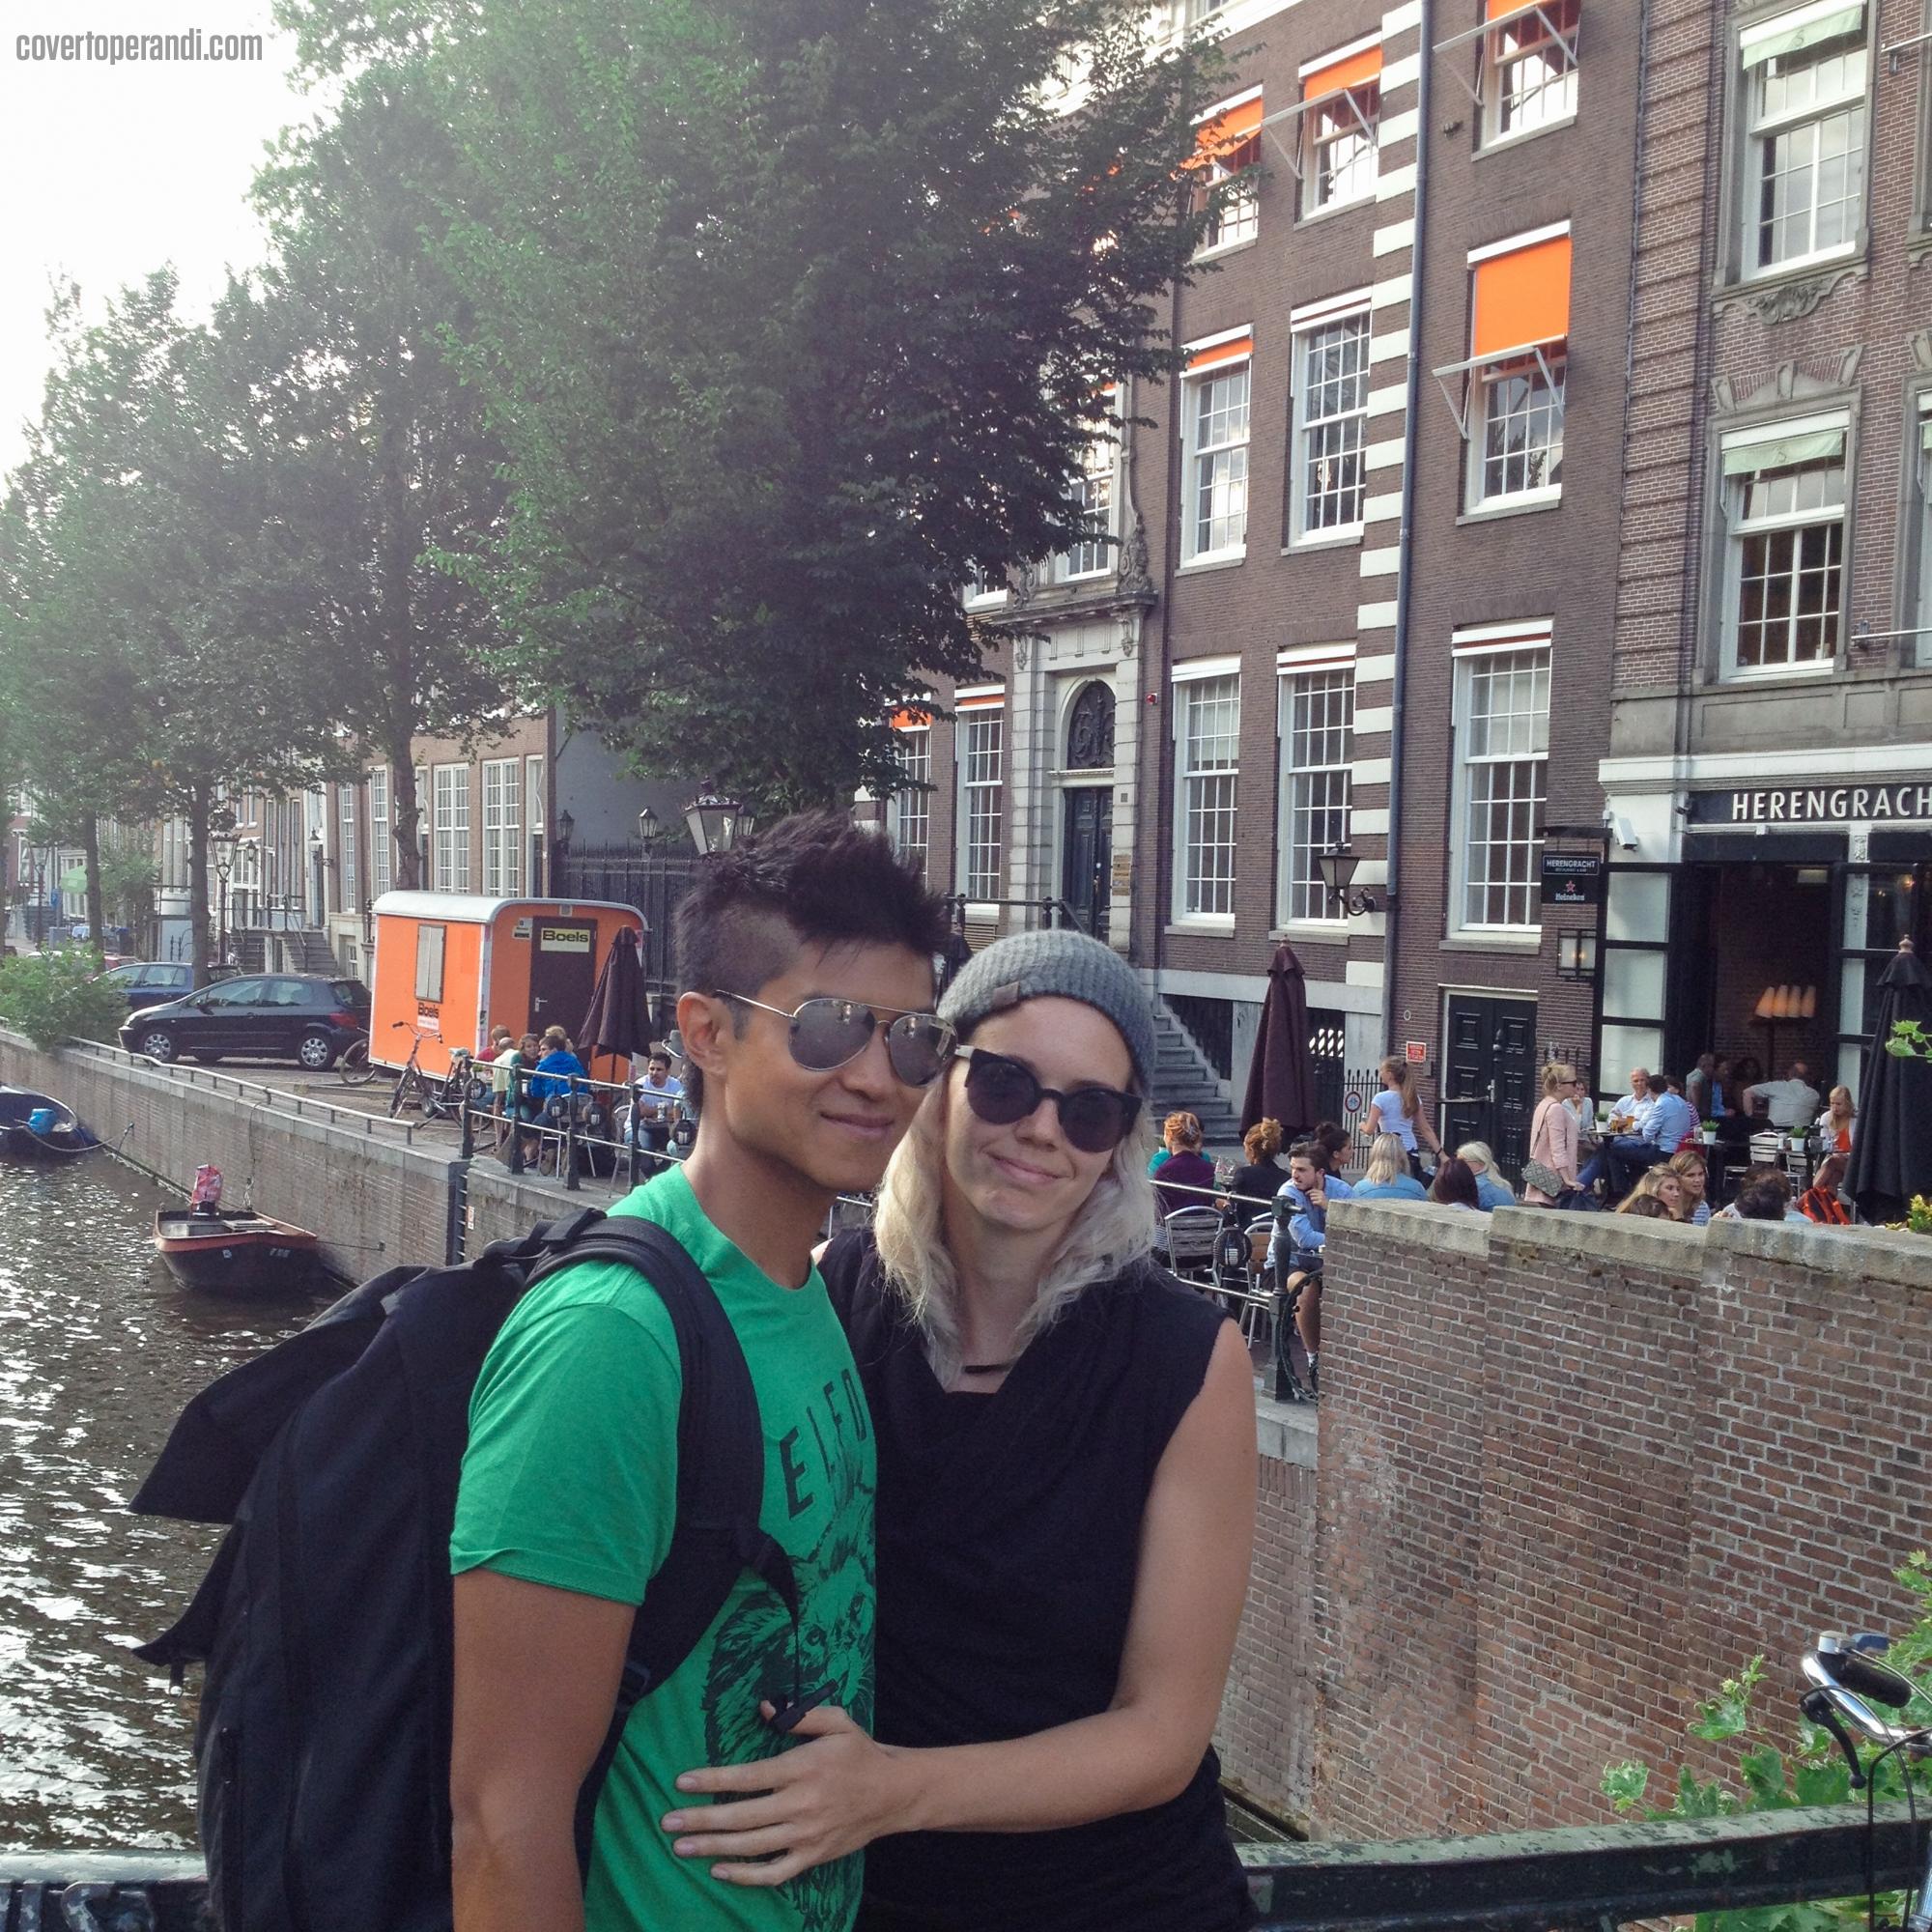 Covert Operandi - 2014 Amsterdam-35.jpg